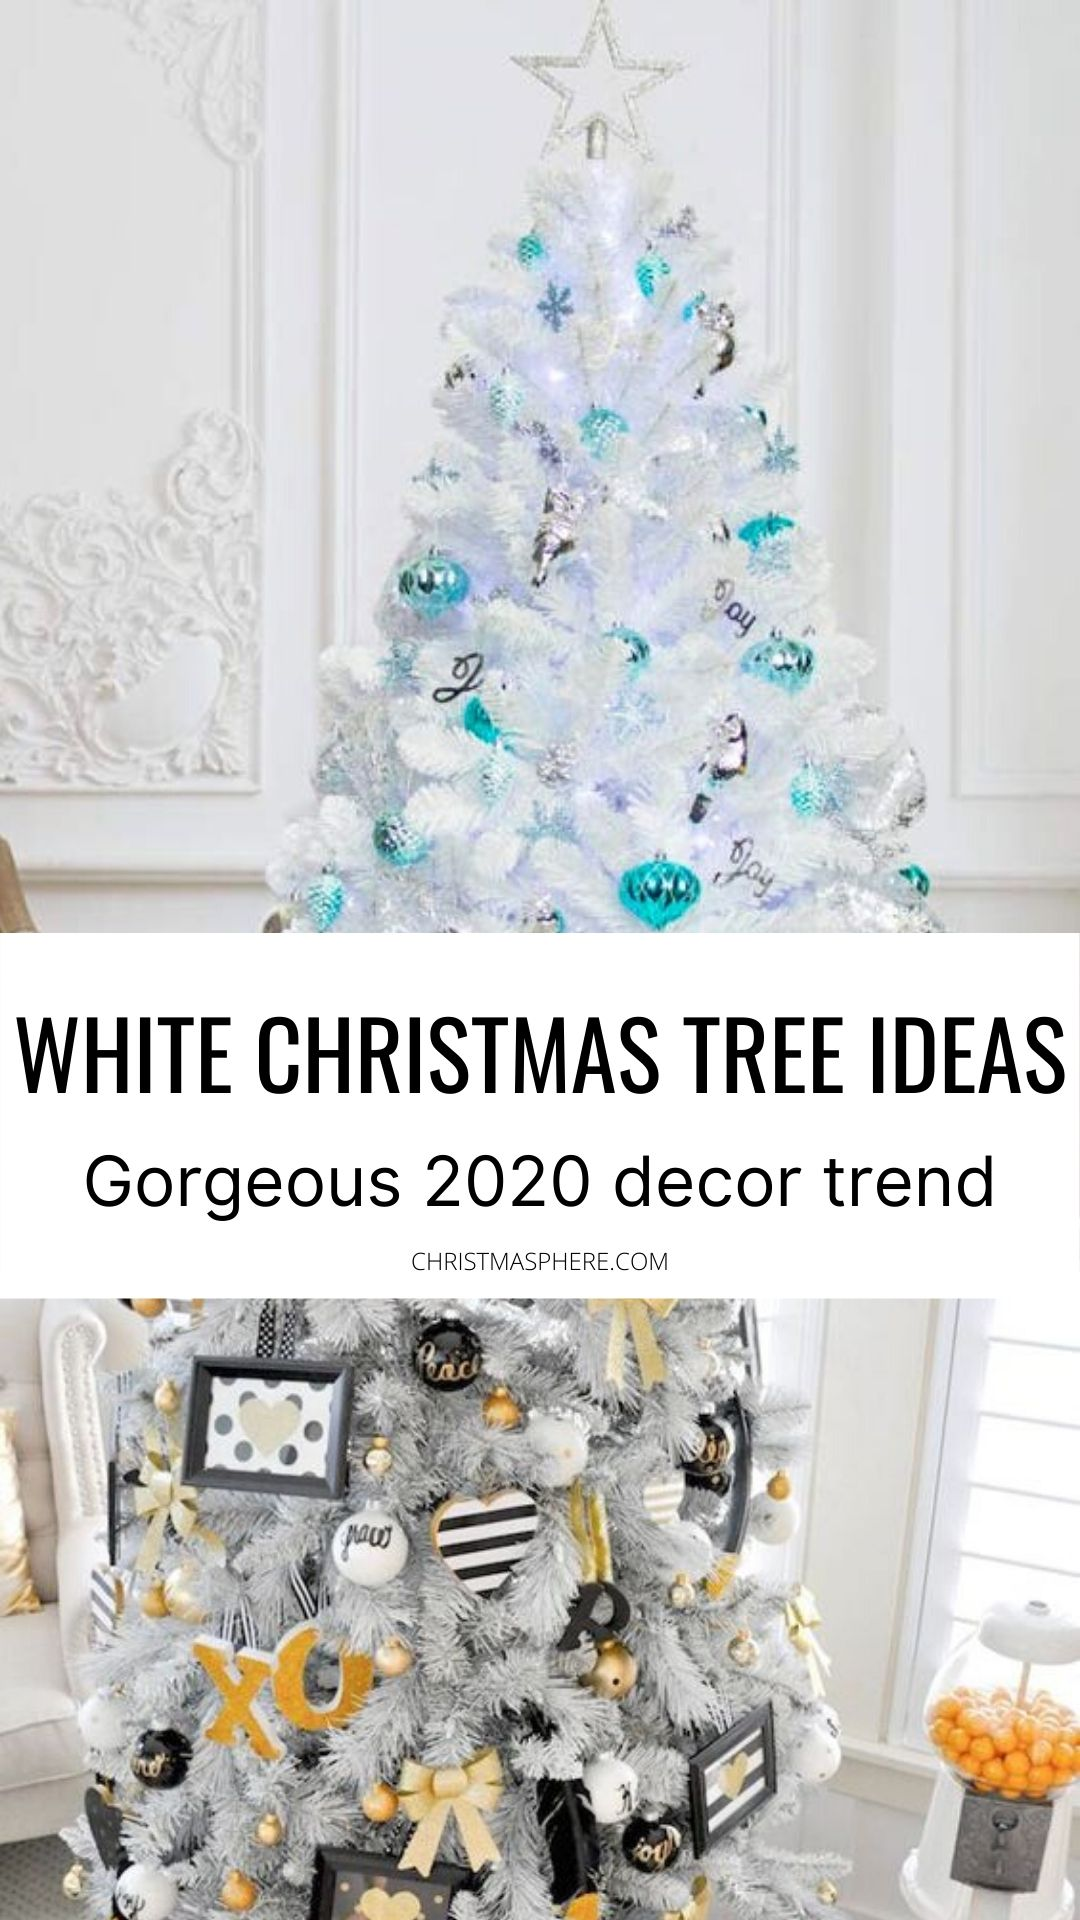 5 Gorgeous White Christmas Trees Christmas 2020 Trend